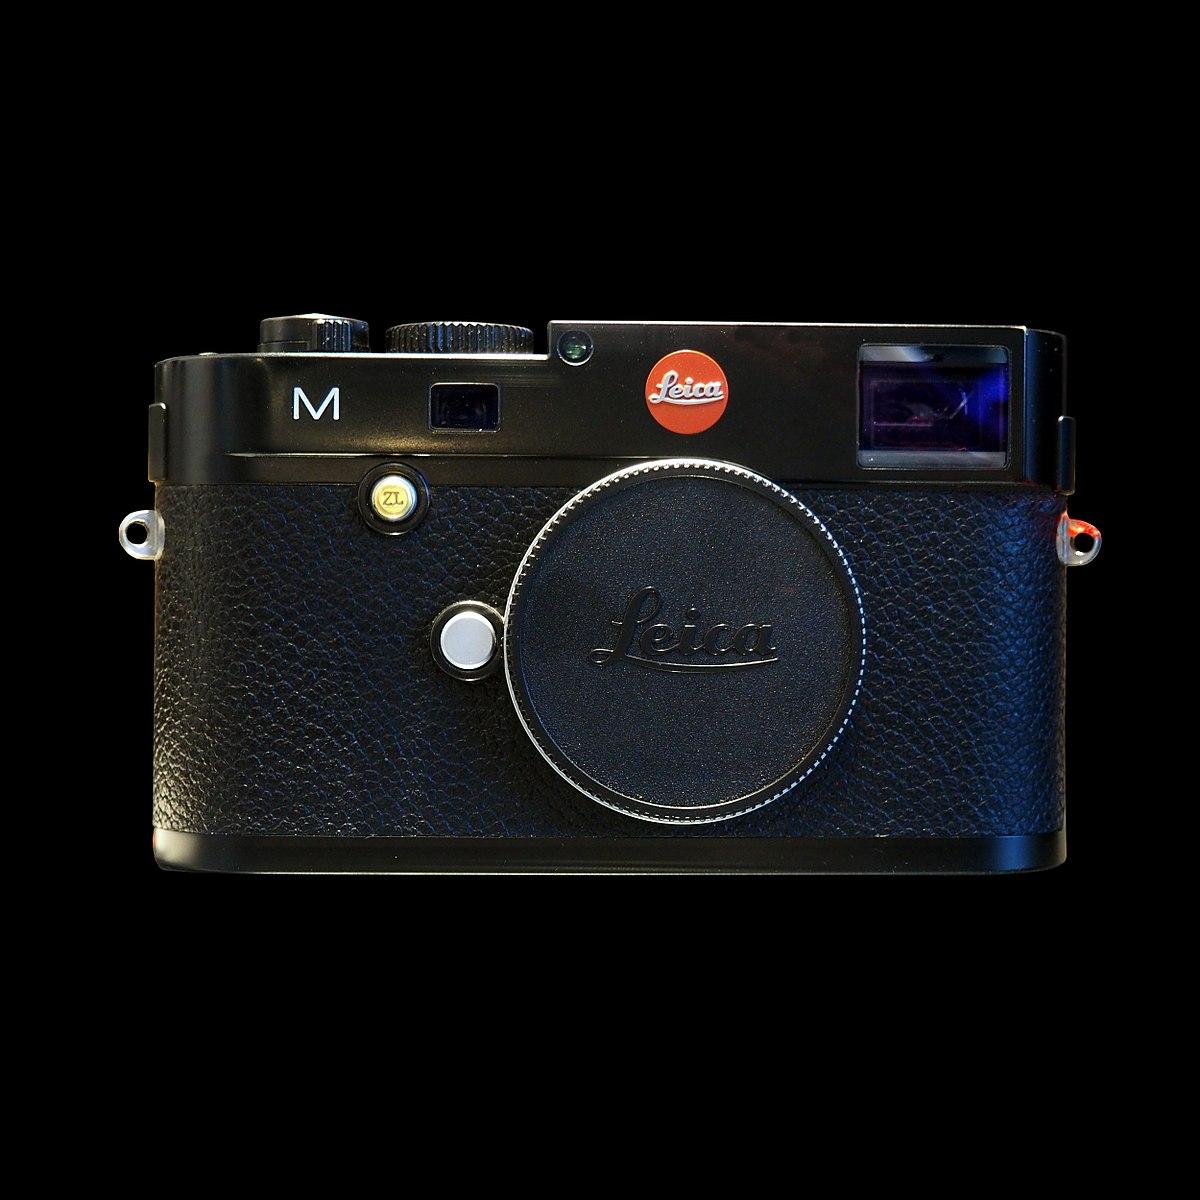 Leica M type 240 — Wikipédia